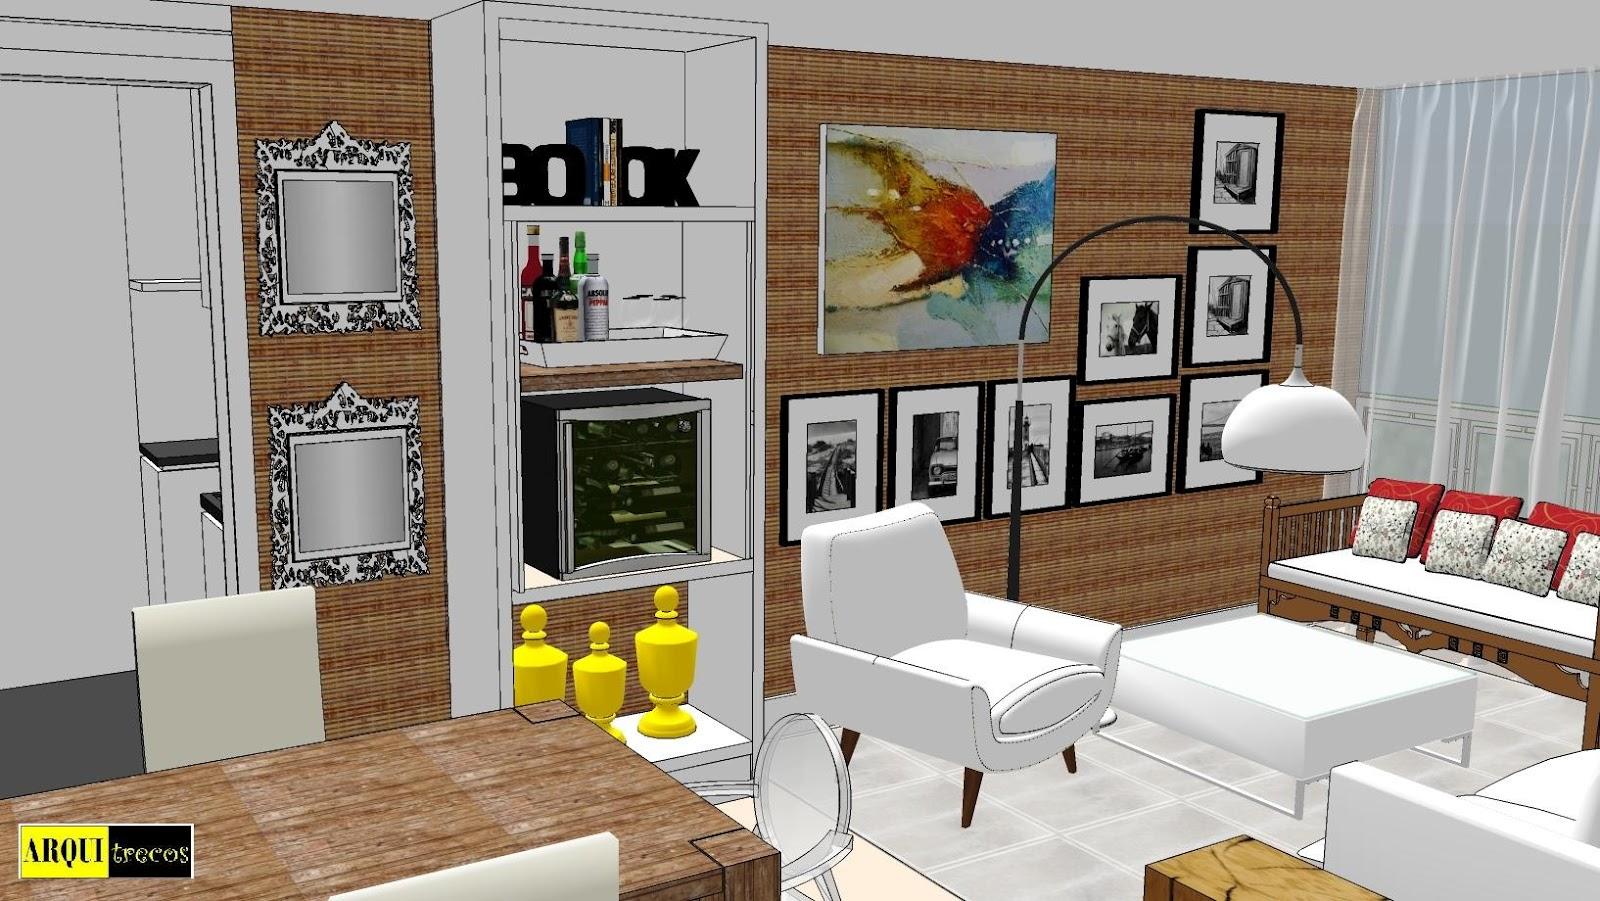 blog de decoração Arquitrecos: Bar em Casa Arquitrecos no Jornal  #AF921C 1600x901